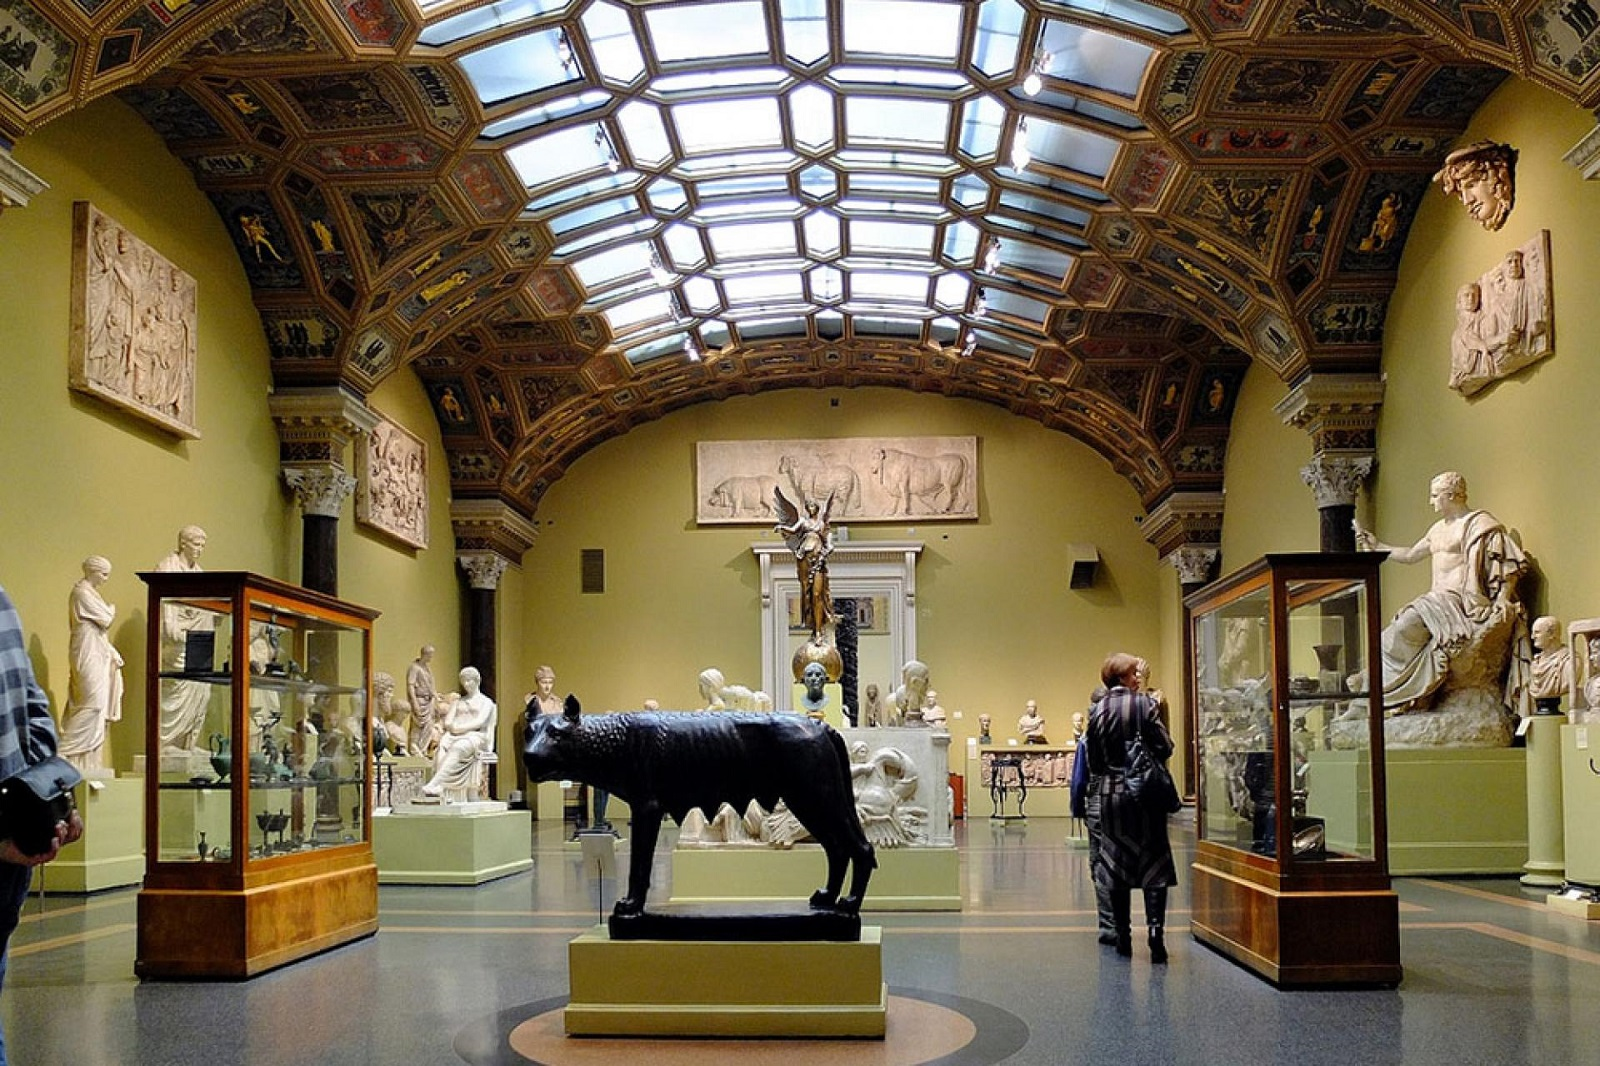 圣彼得堡国立大学本科专业《博物馆学与文化与自然遗产保护》详细介绍!插图-小狮座俄罗斯留学